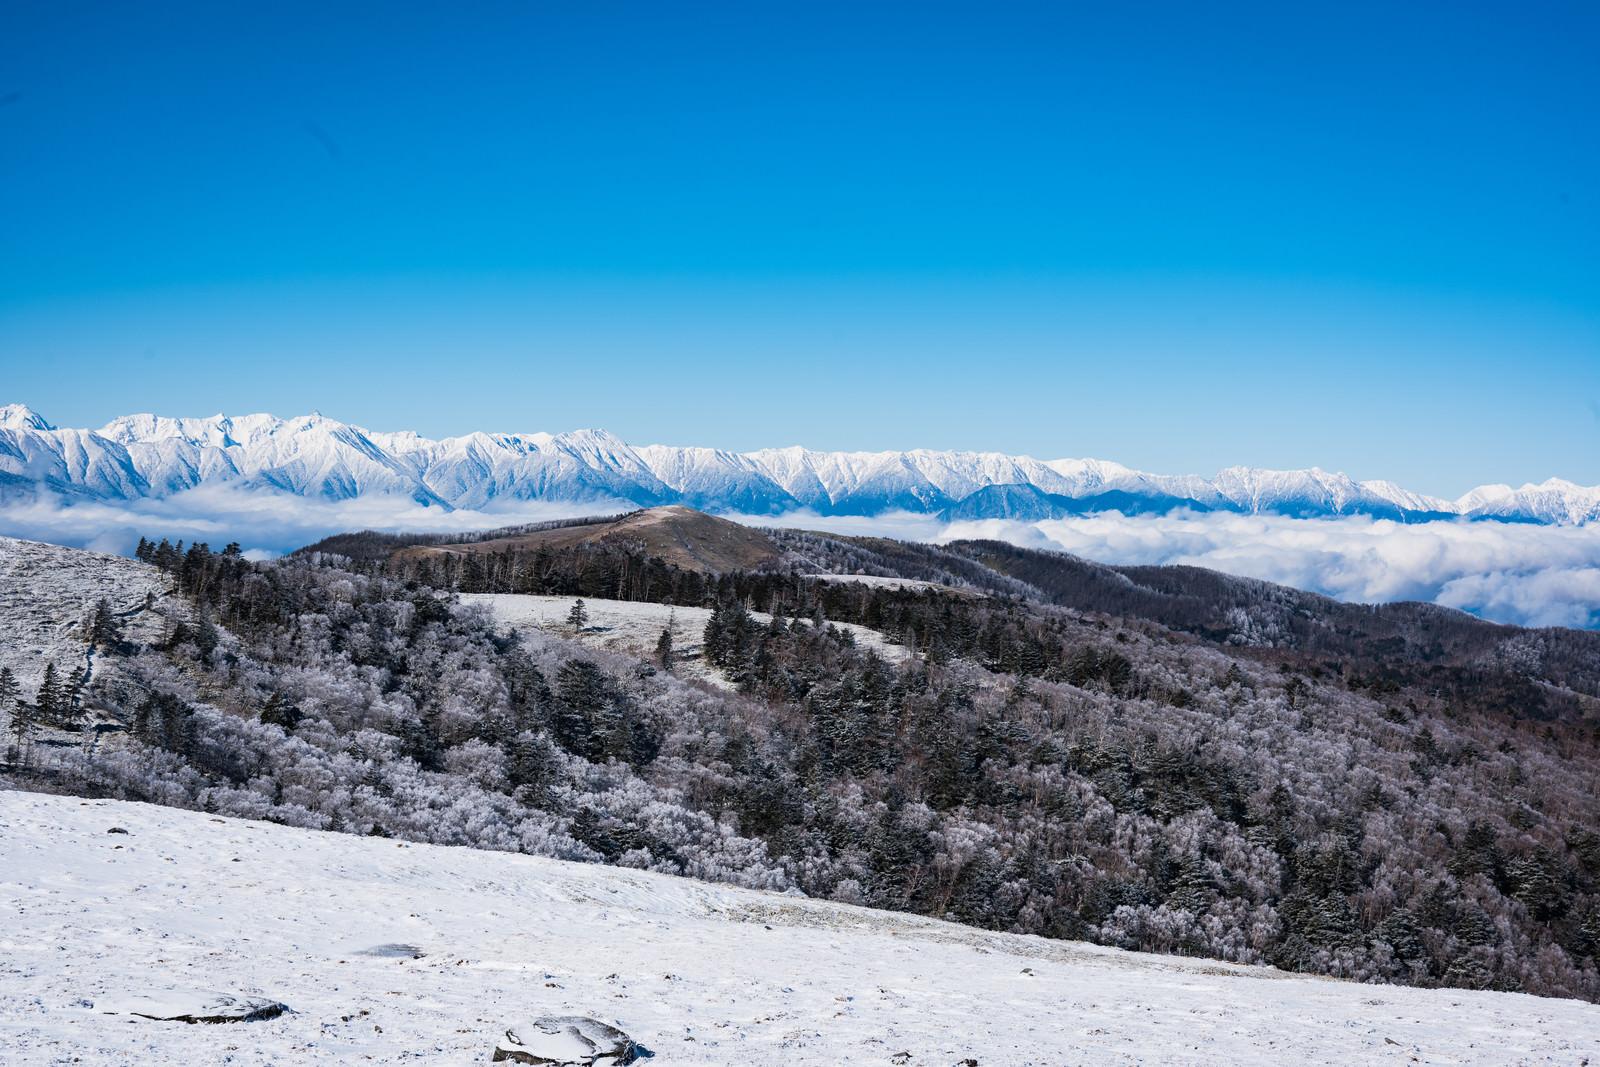 「美ヶ原台上の雪景色」の写真